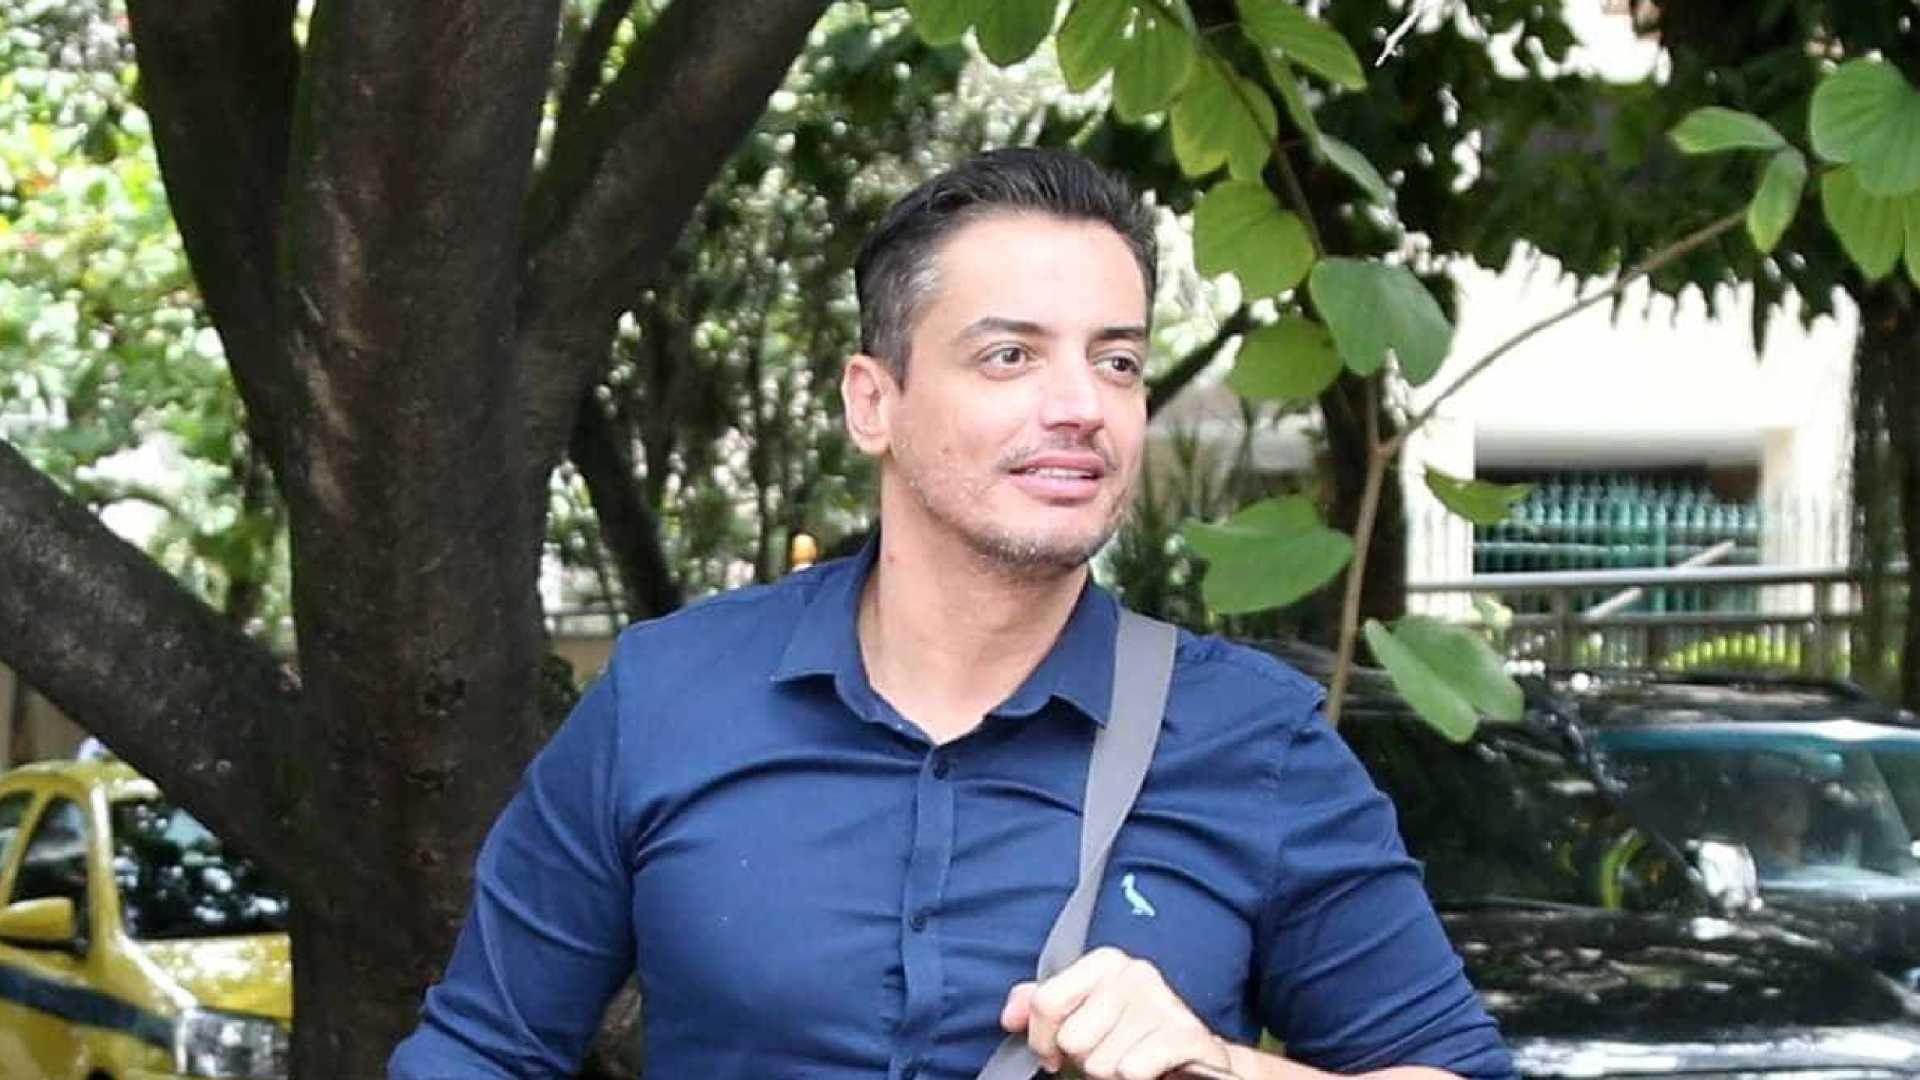 d6d9339f9 Leo Dias sonha com droga e volta a ser internado